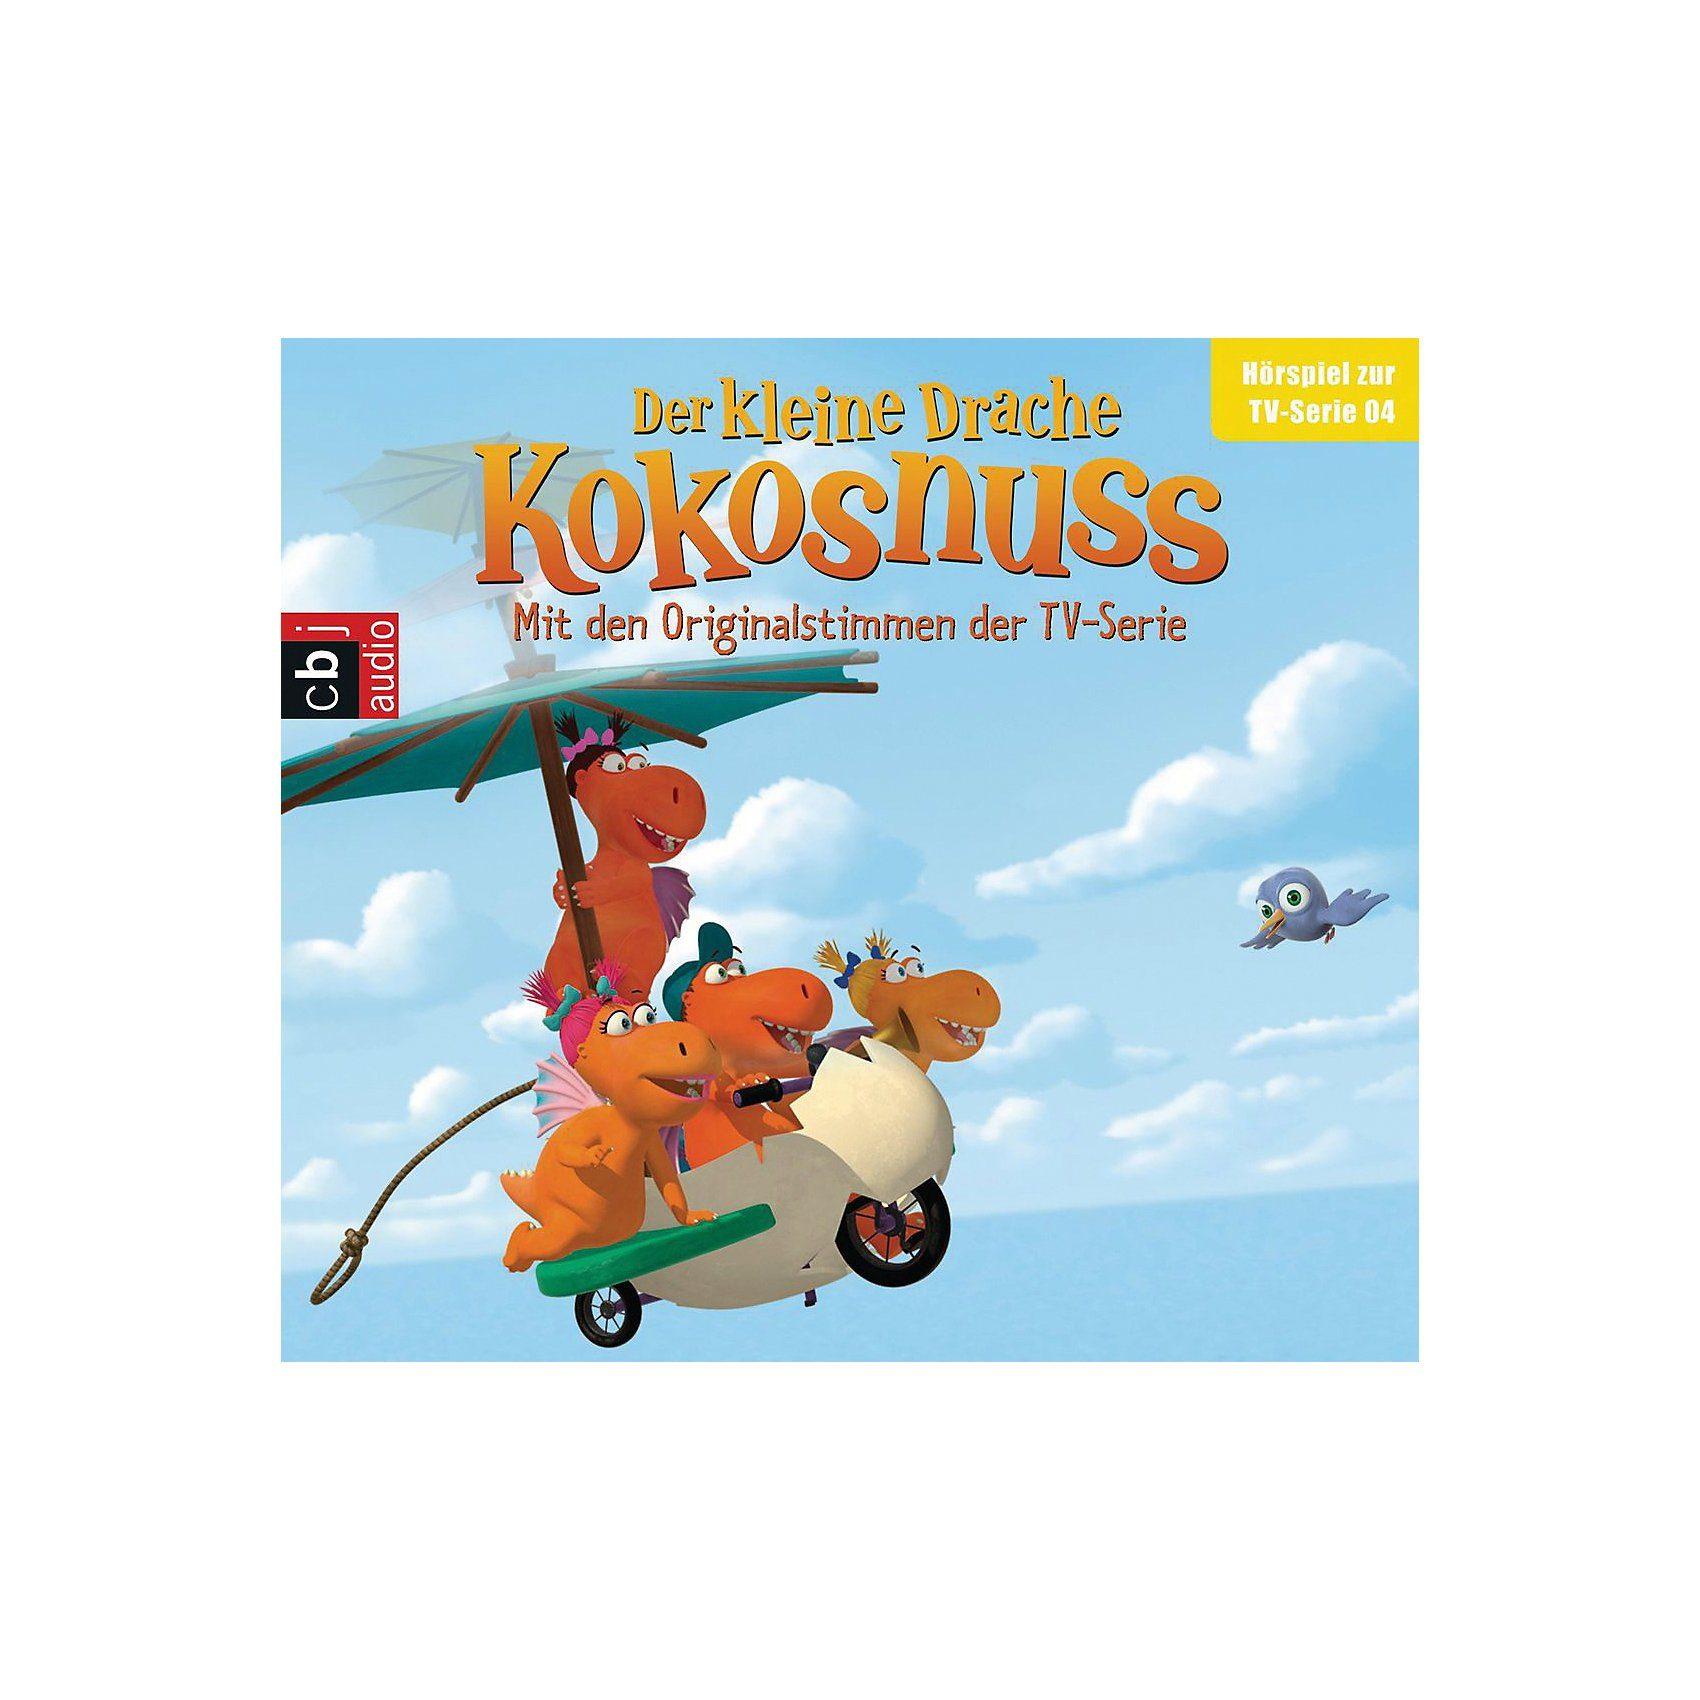 Edel Der Kleine Drache Kokosnuss - Hörspiel zur TV-Serie, Tl. 4